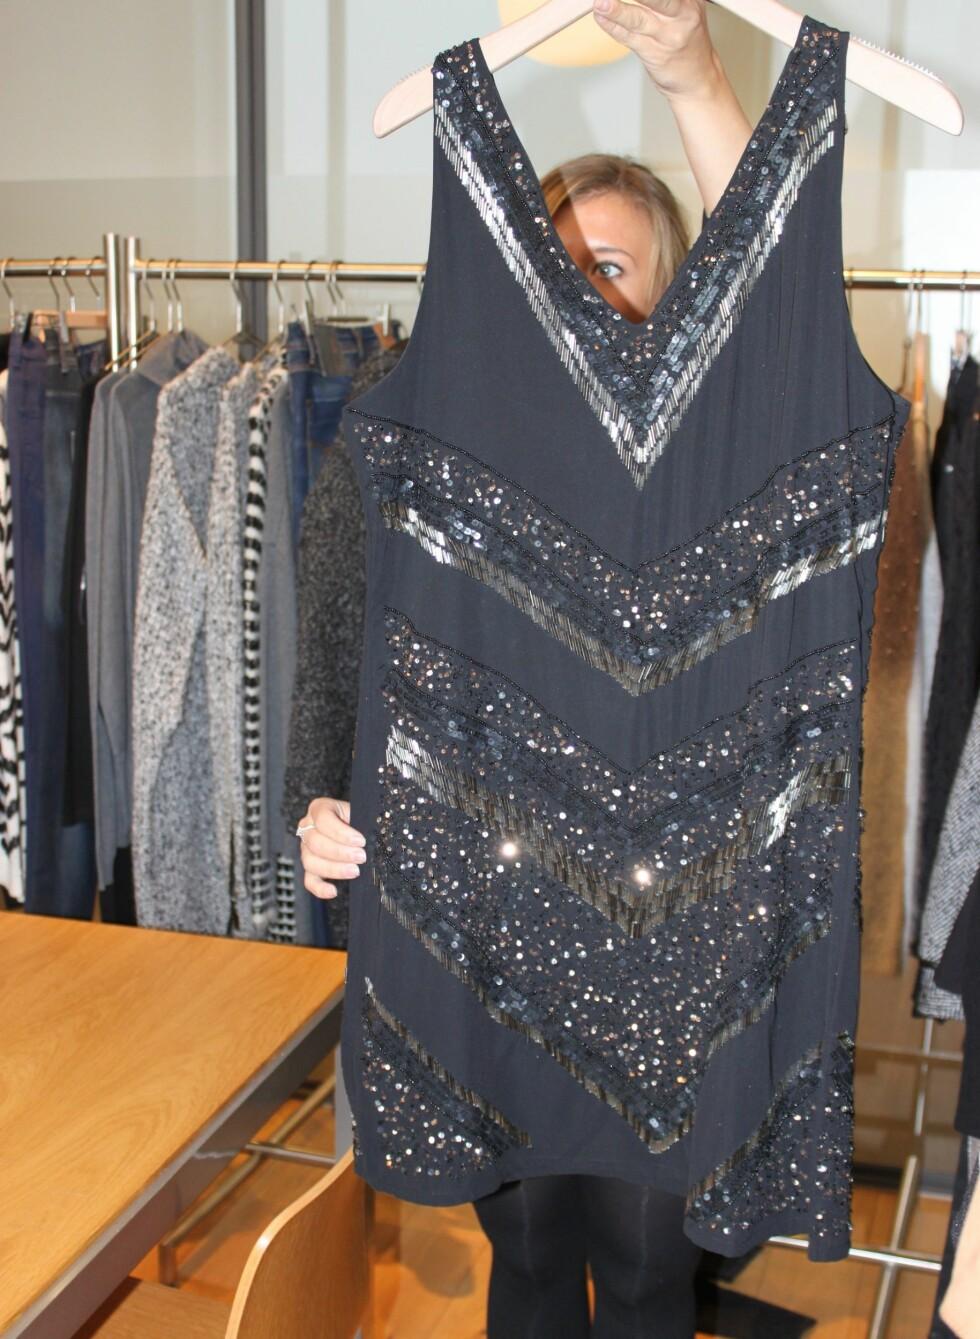 Både glitter og glamour i denne kjolen.  Foto: Tone Ruud Engen